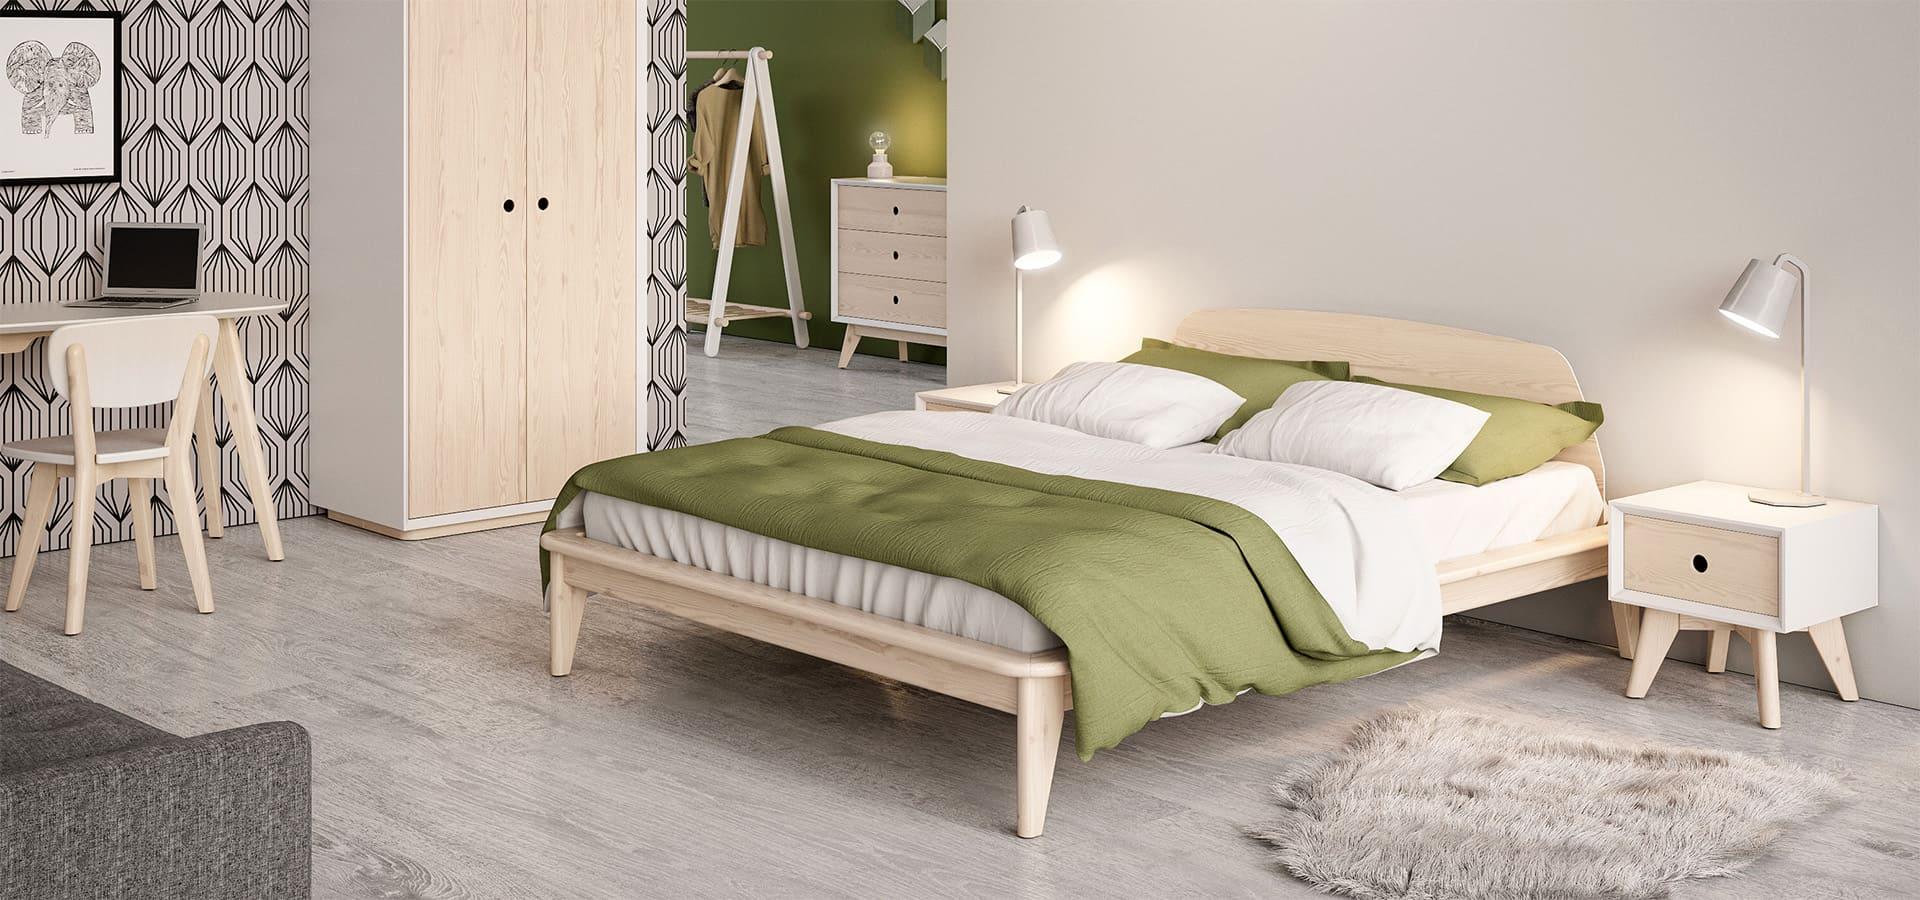 Спальня скандинавского стиля